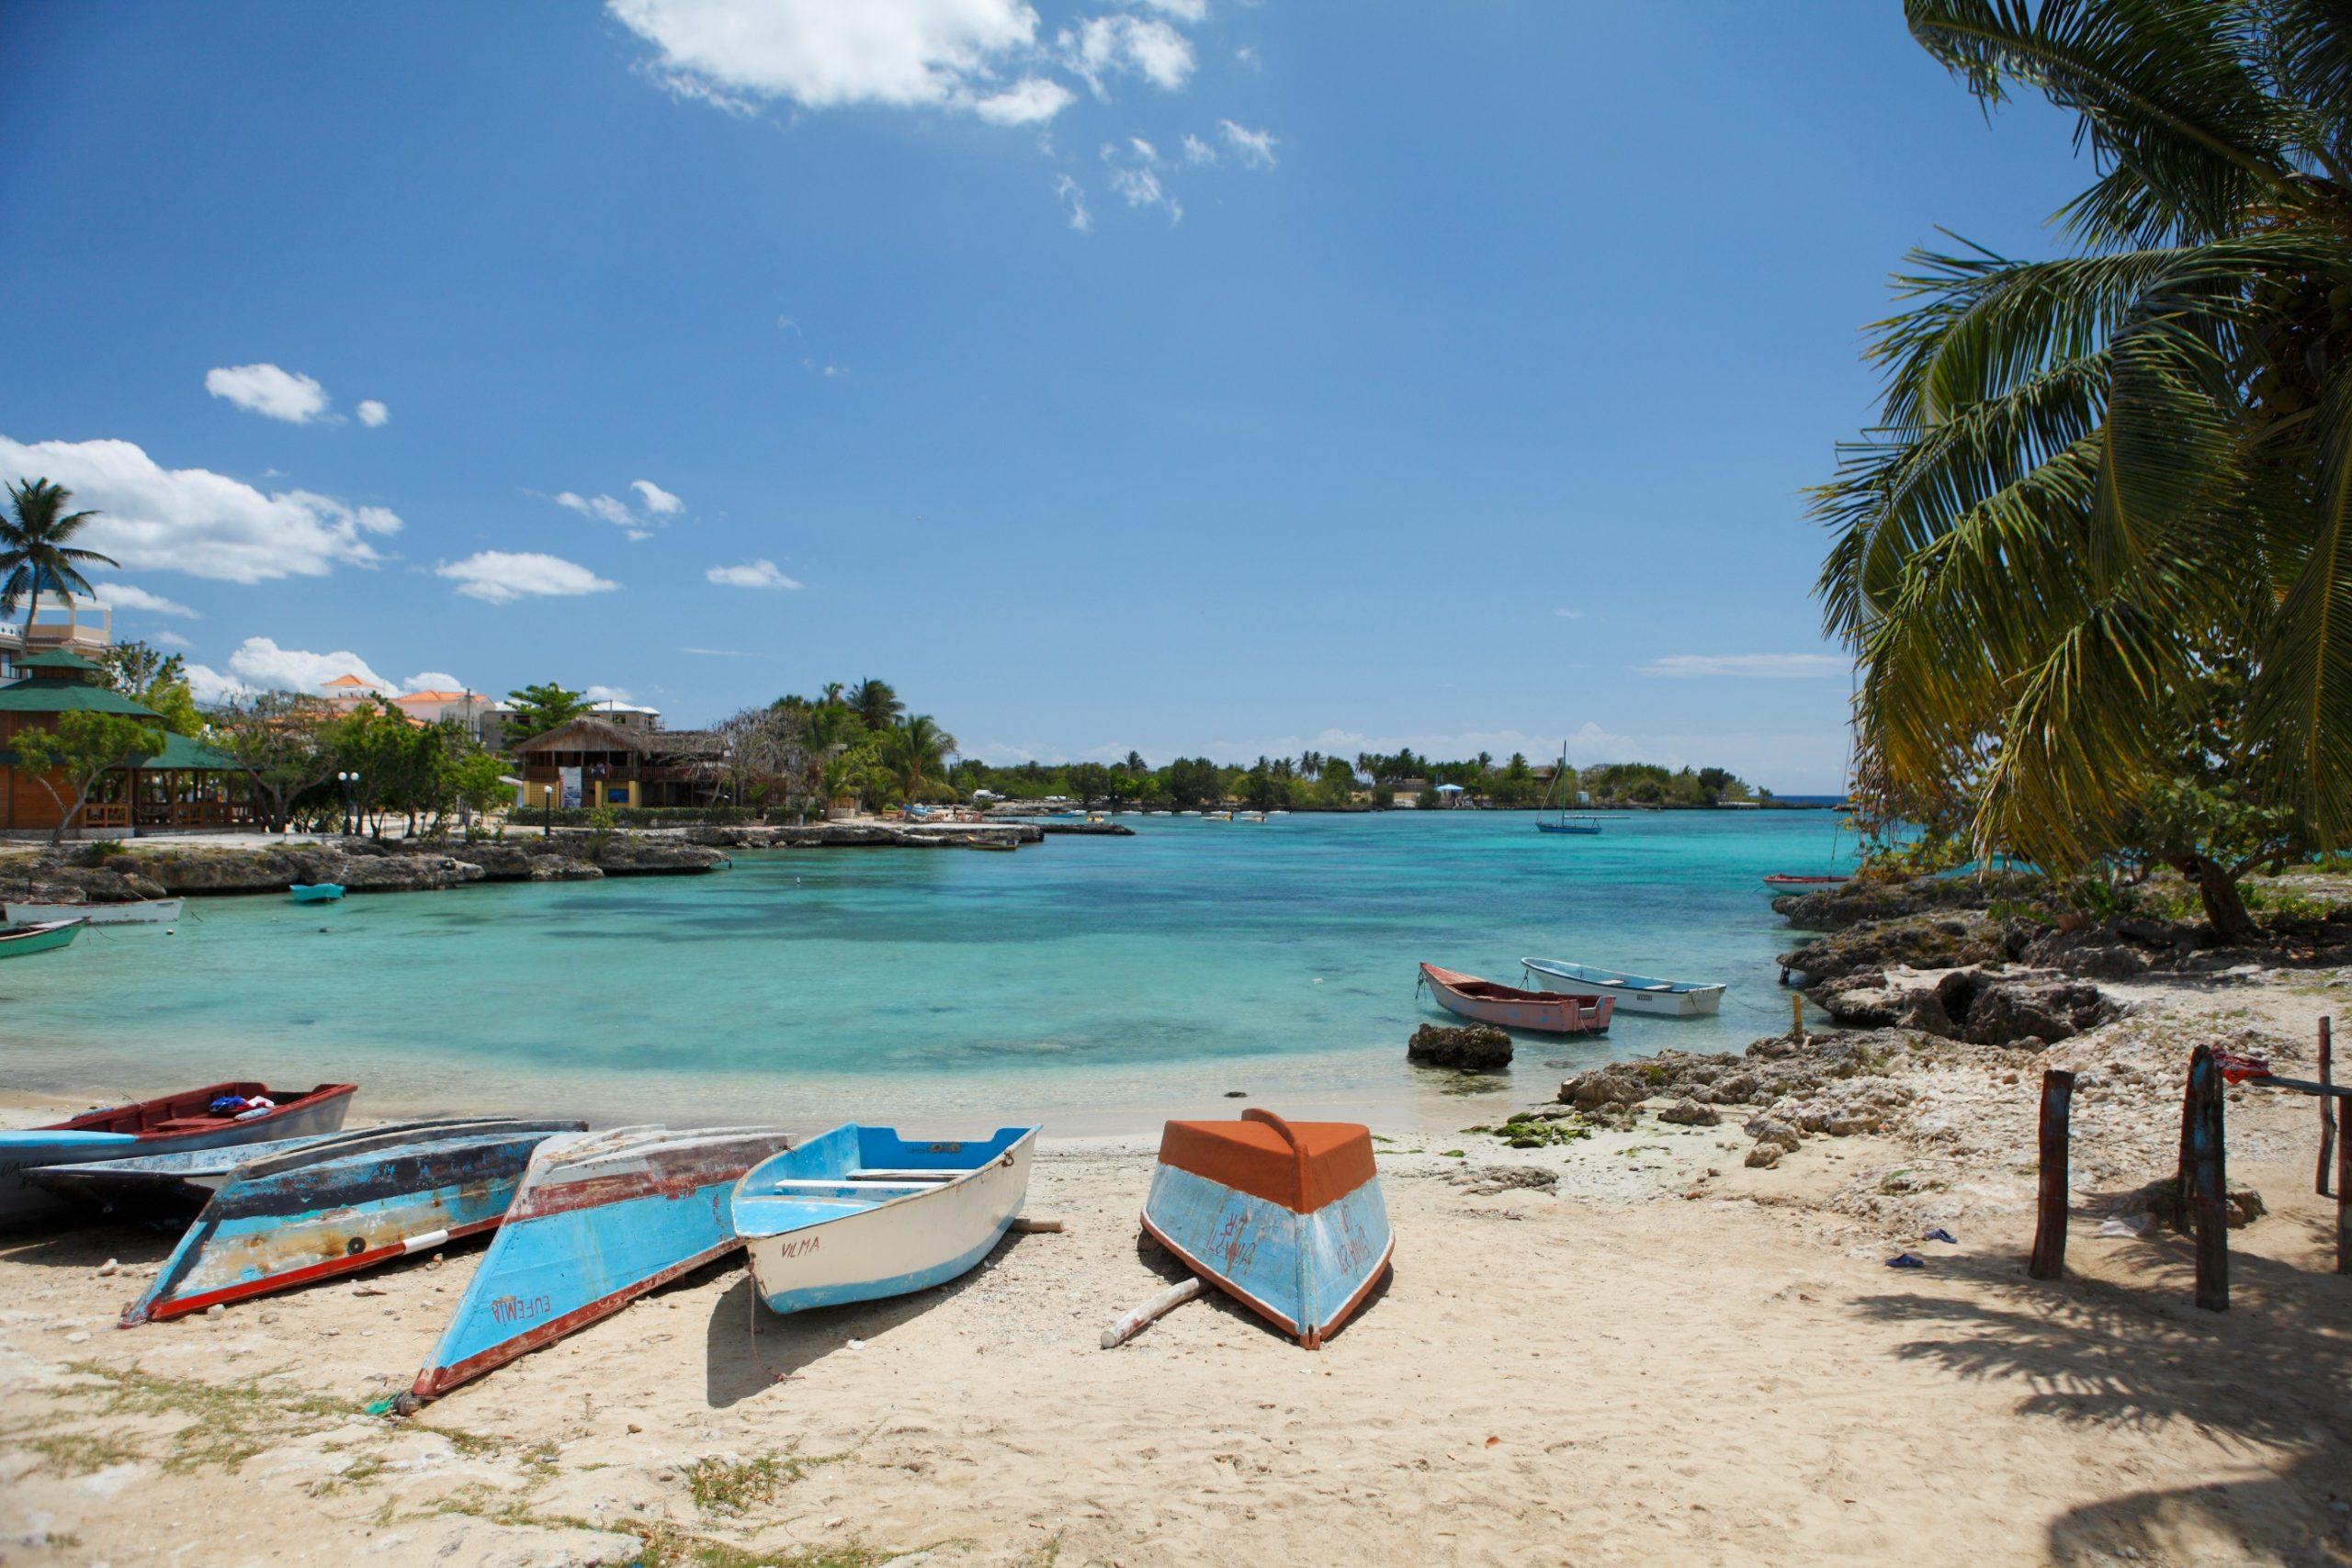 República Dominicana y Países Bajos acuerdan su delimitación marítima